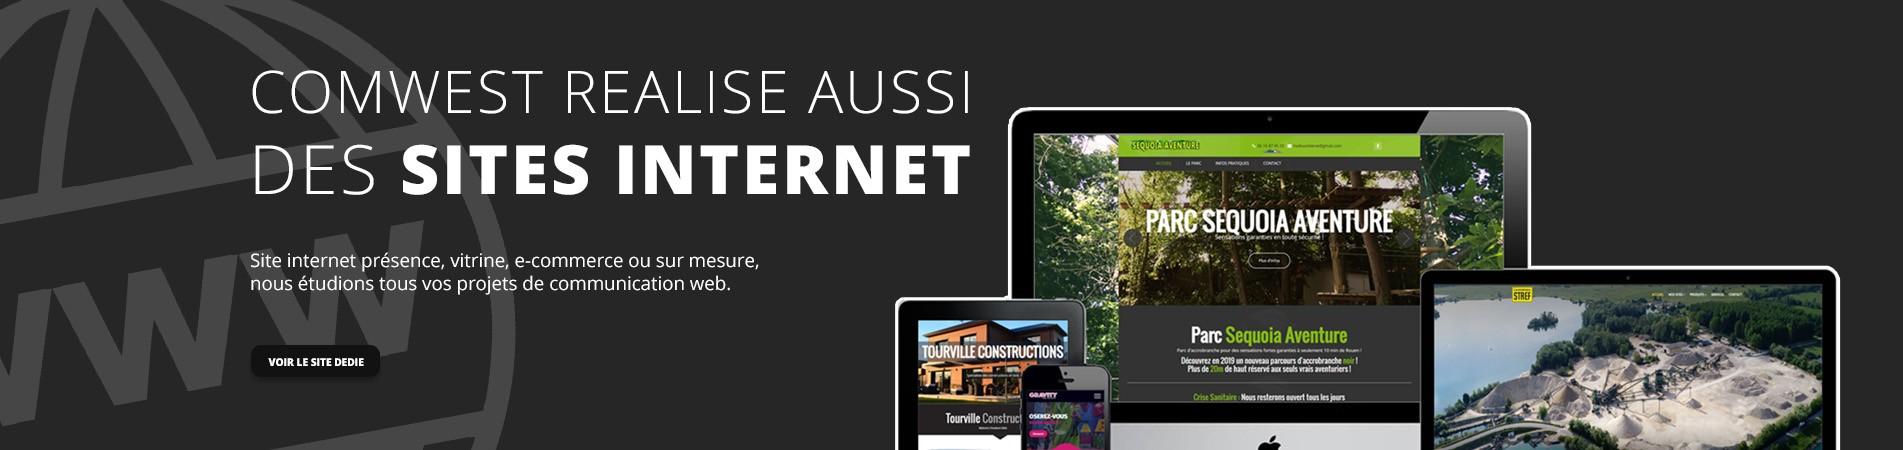 Comwest réalise aussi tous vos projets de site Internet